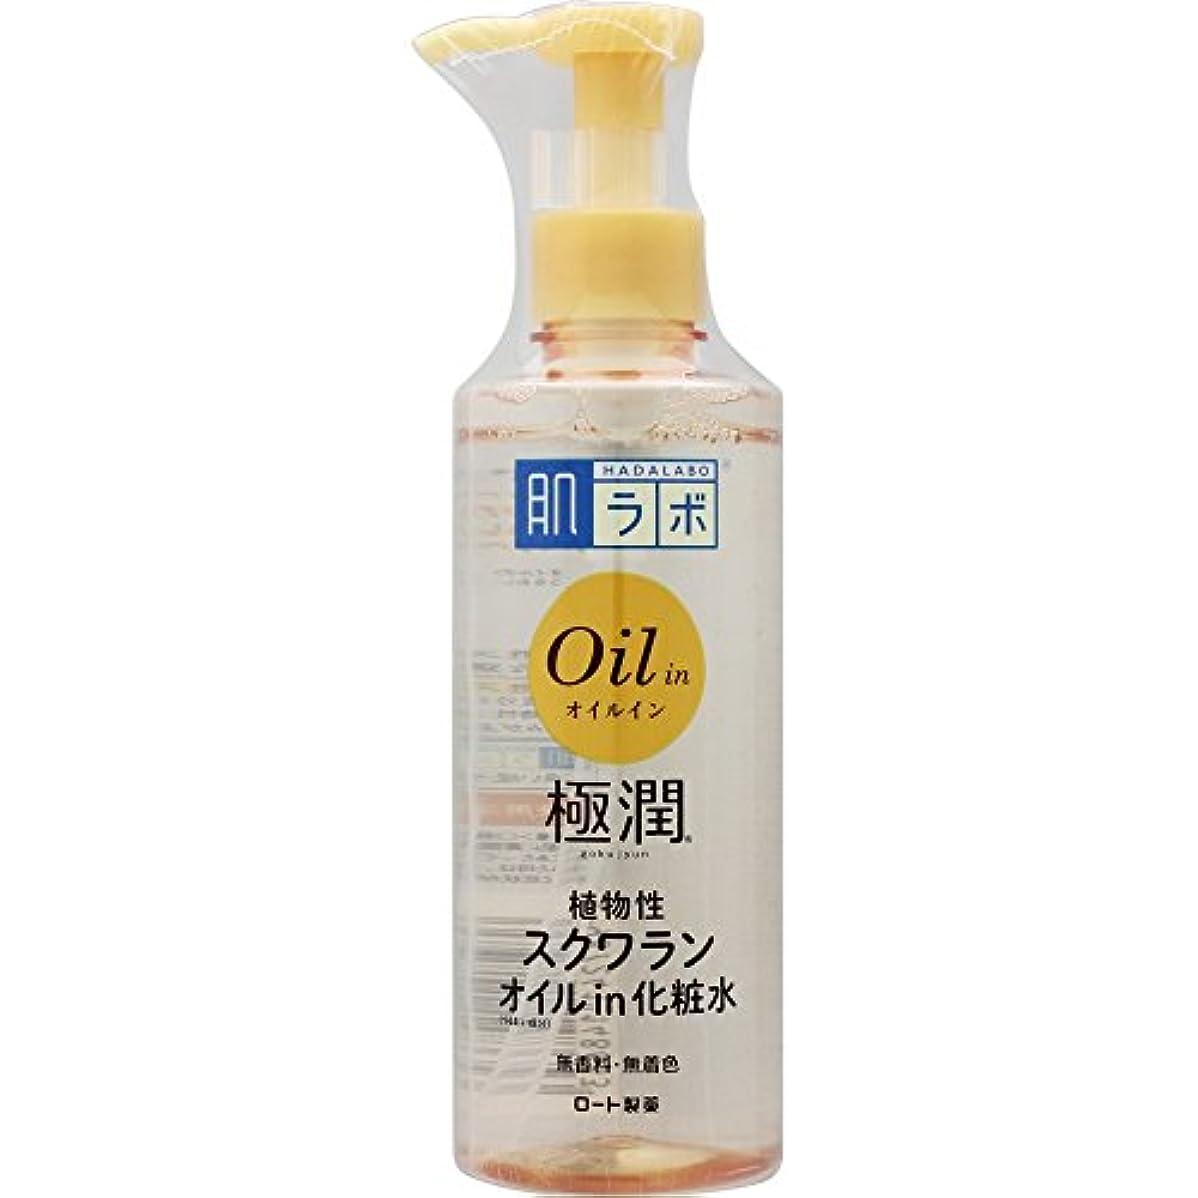 アラート飾る勢い肌ラボ 極潤オイルイン化粧水 植物性スクワランオイル配合 220ml